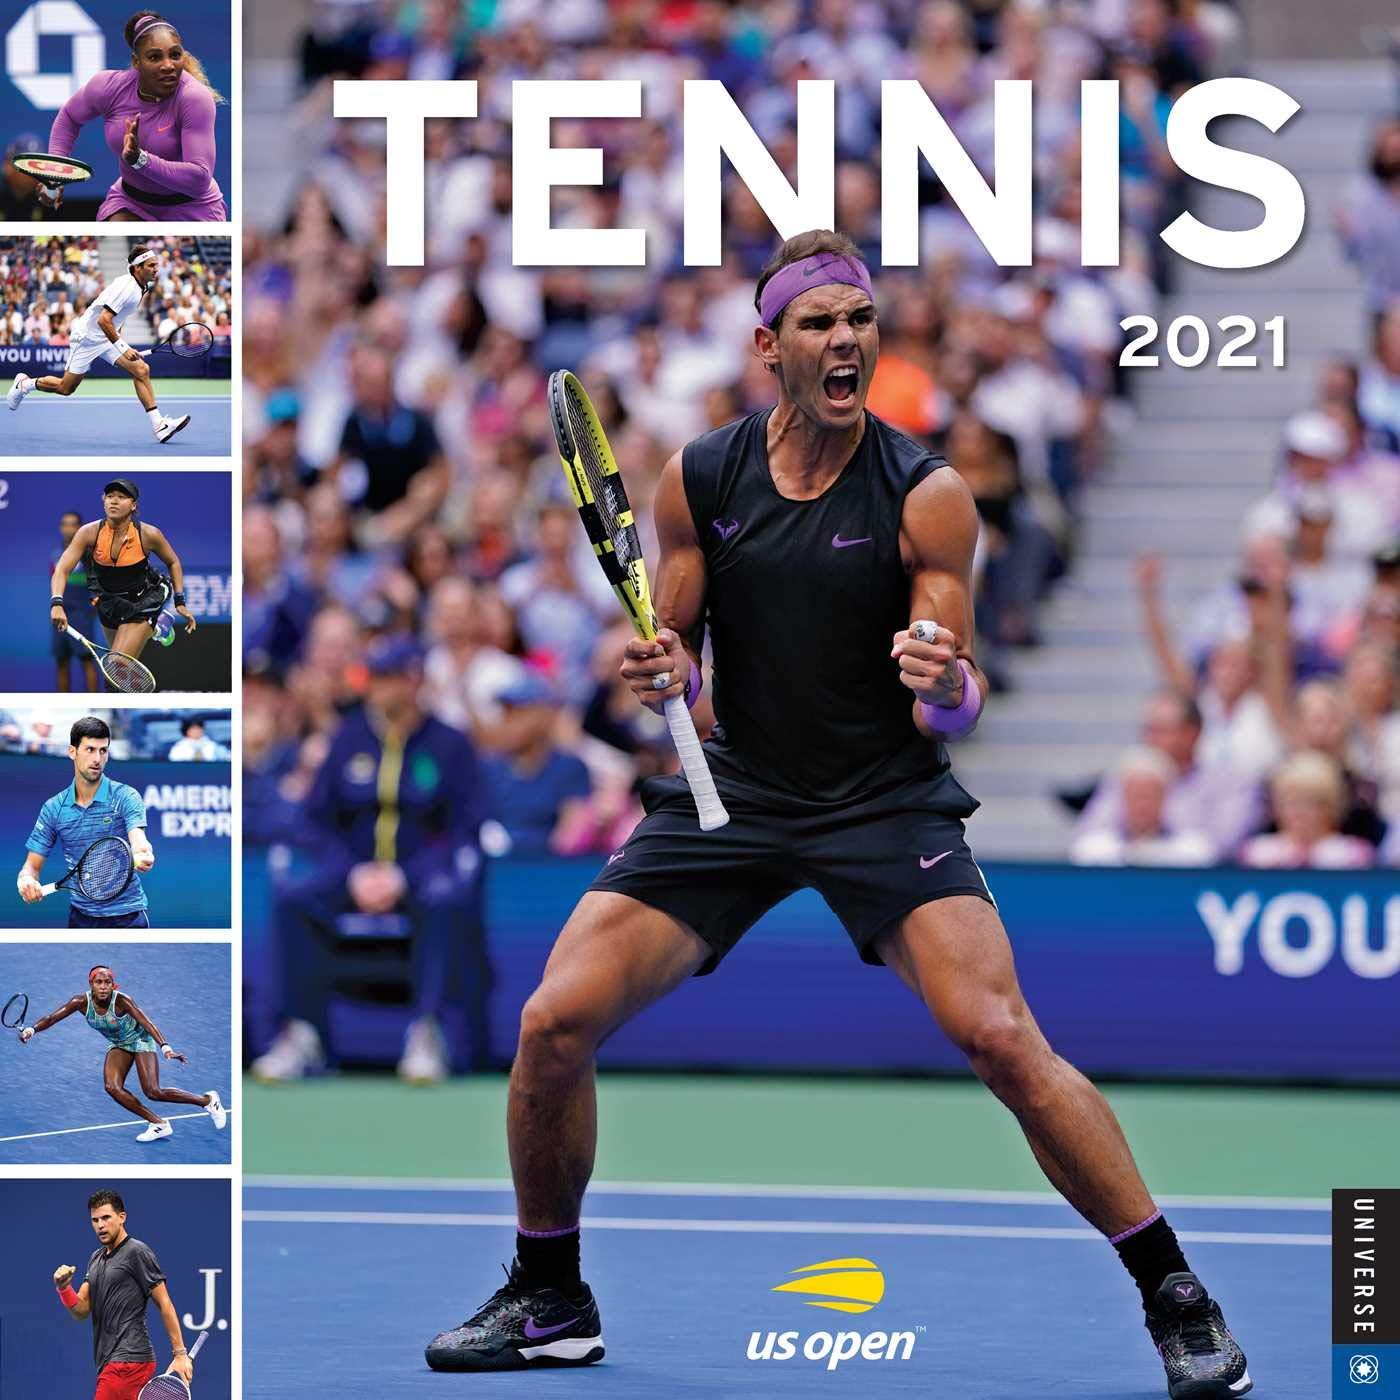 Tennis 2021 Wall Calendar: The Official U.S. Open Calendar: United